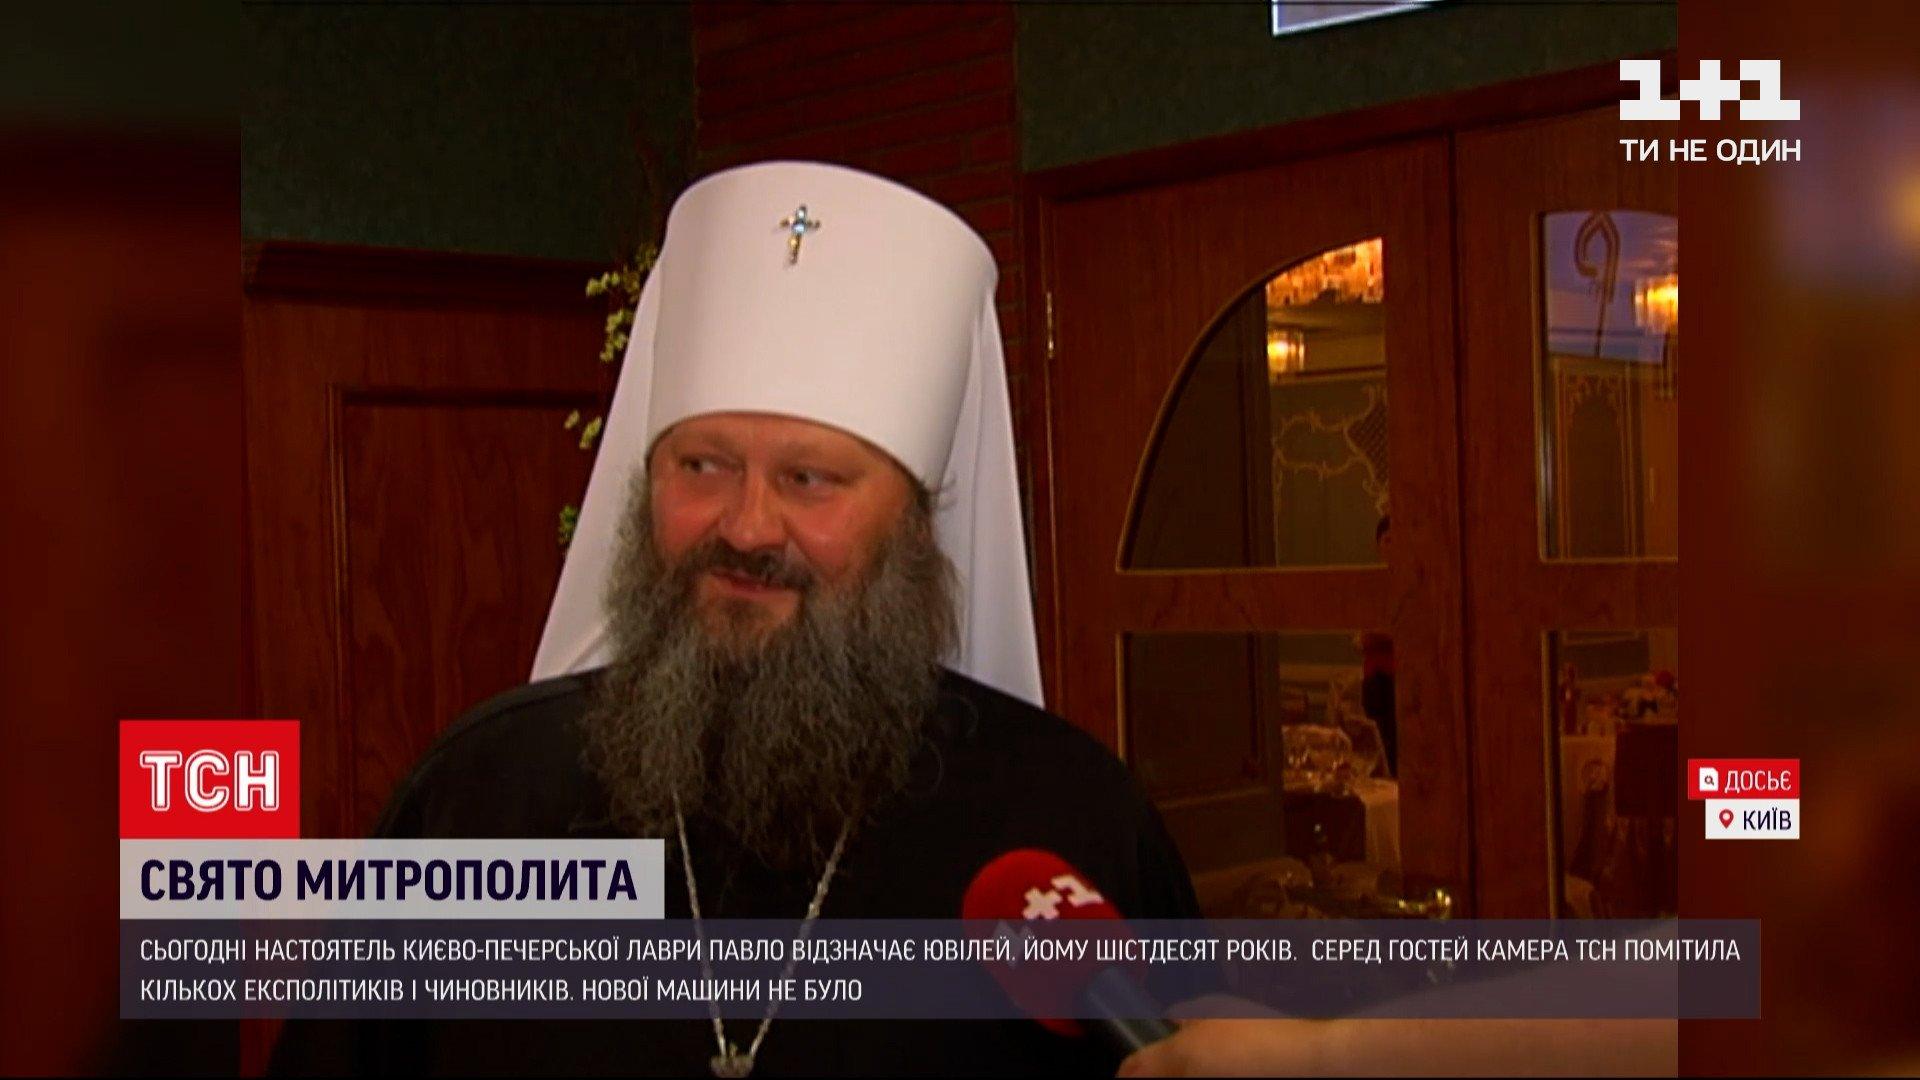 Митрополит Павел отпраздновал свой 60-летний юбилей